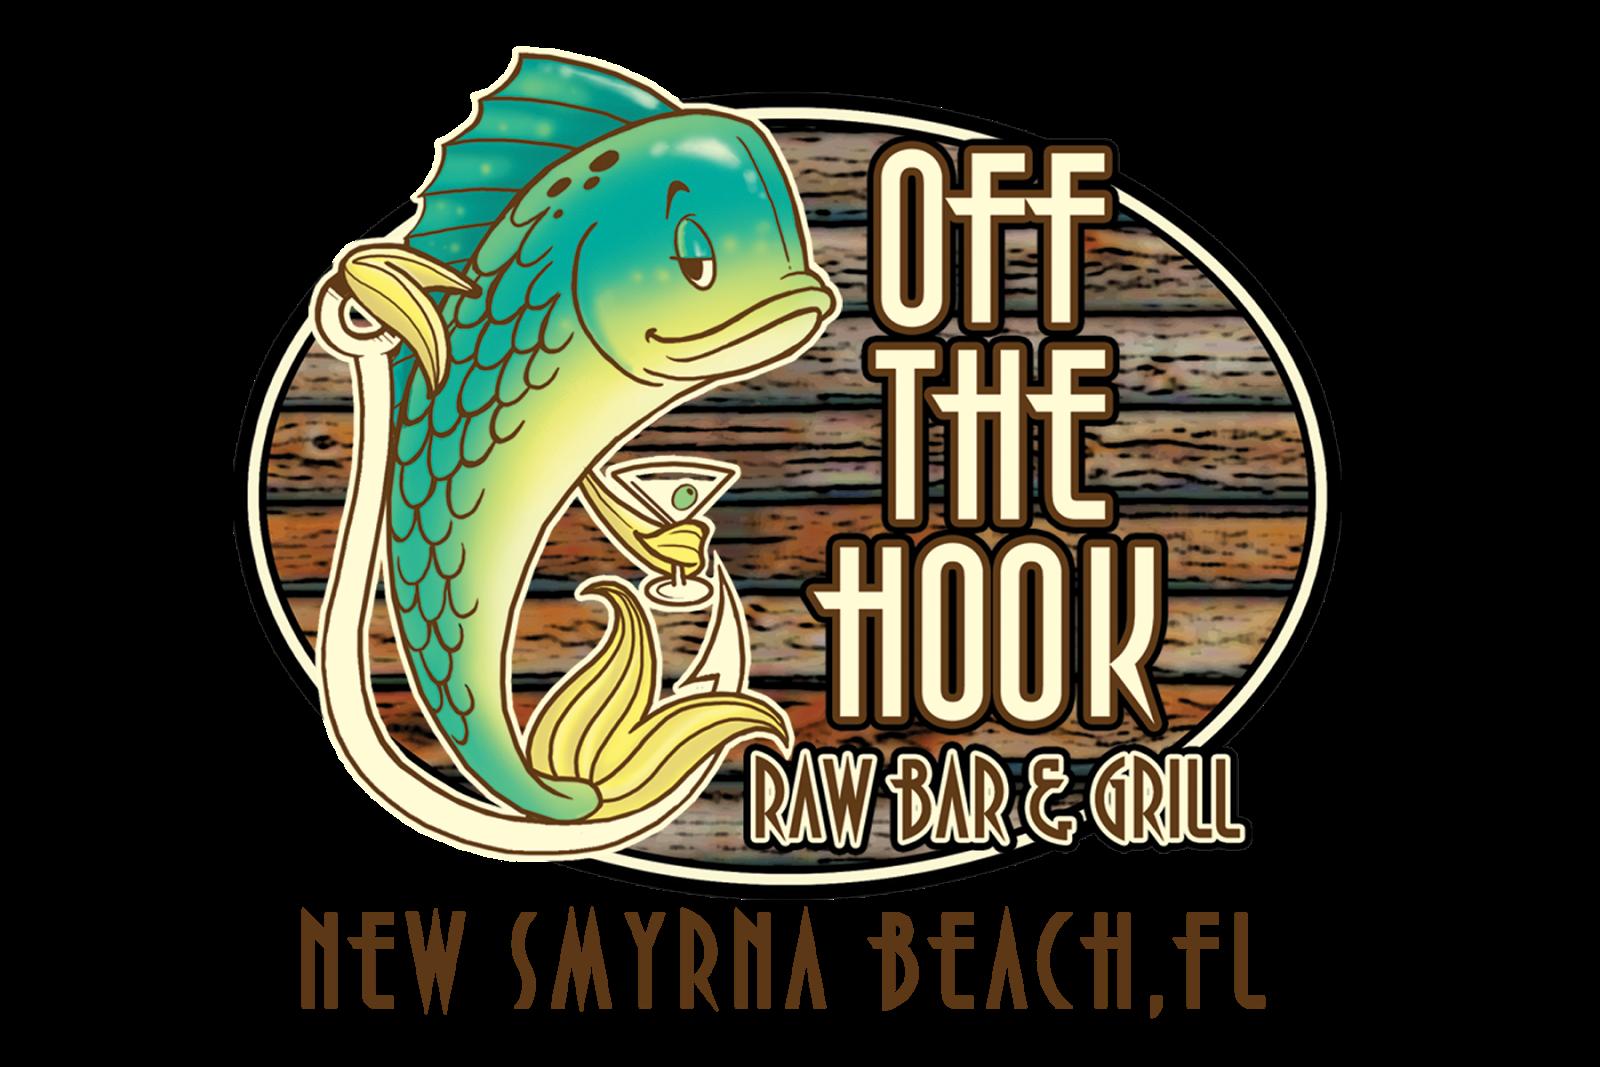 new smyrna beach jobs  off the hook raw bar  u0026 grill